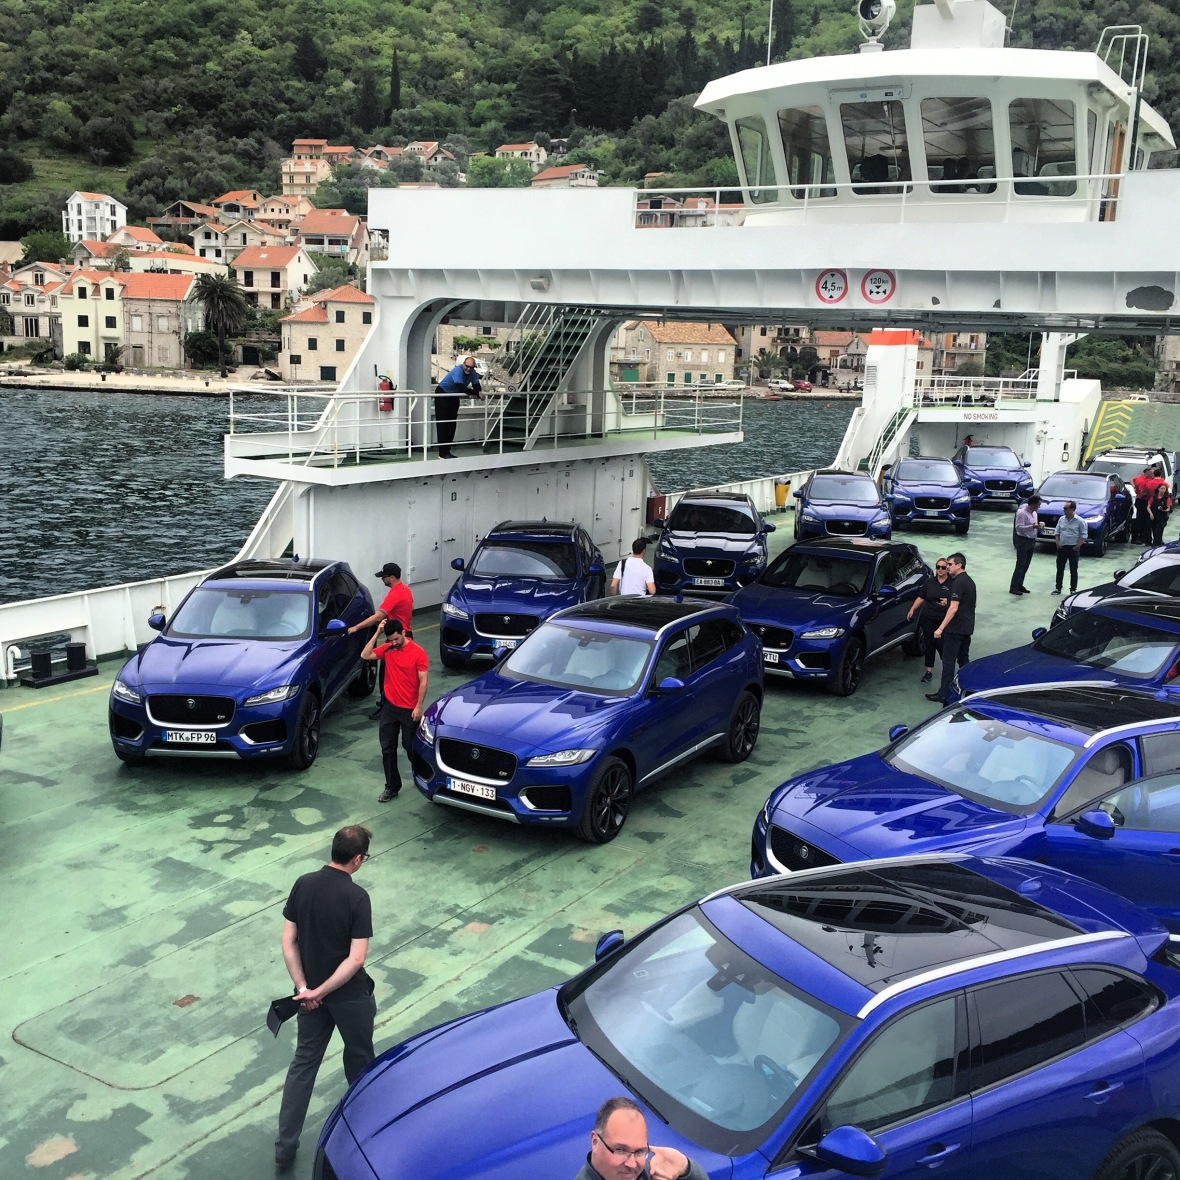 Jeg tror sgu jeg tager en blå. På første del af testruten, var det den 380 hk udgave vi havde fornøjelsen af.